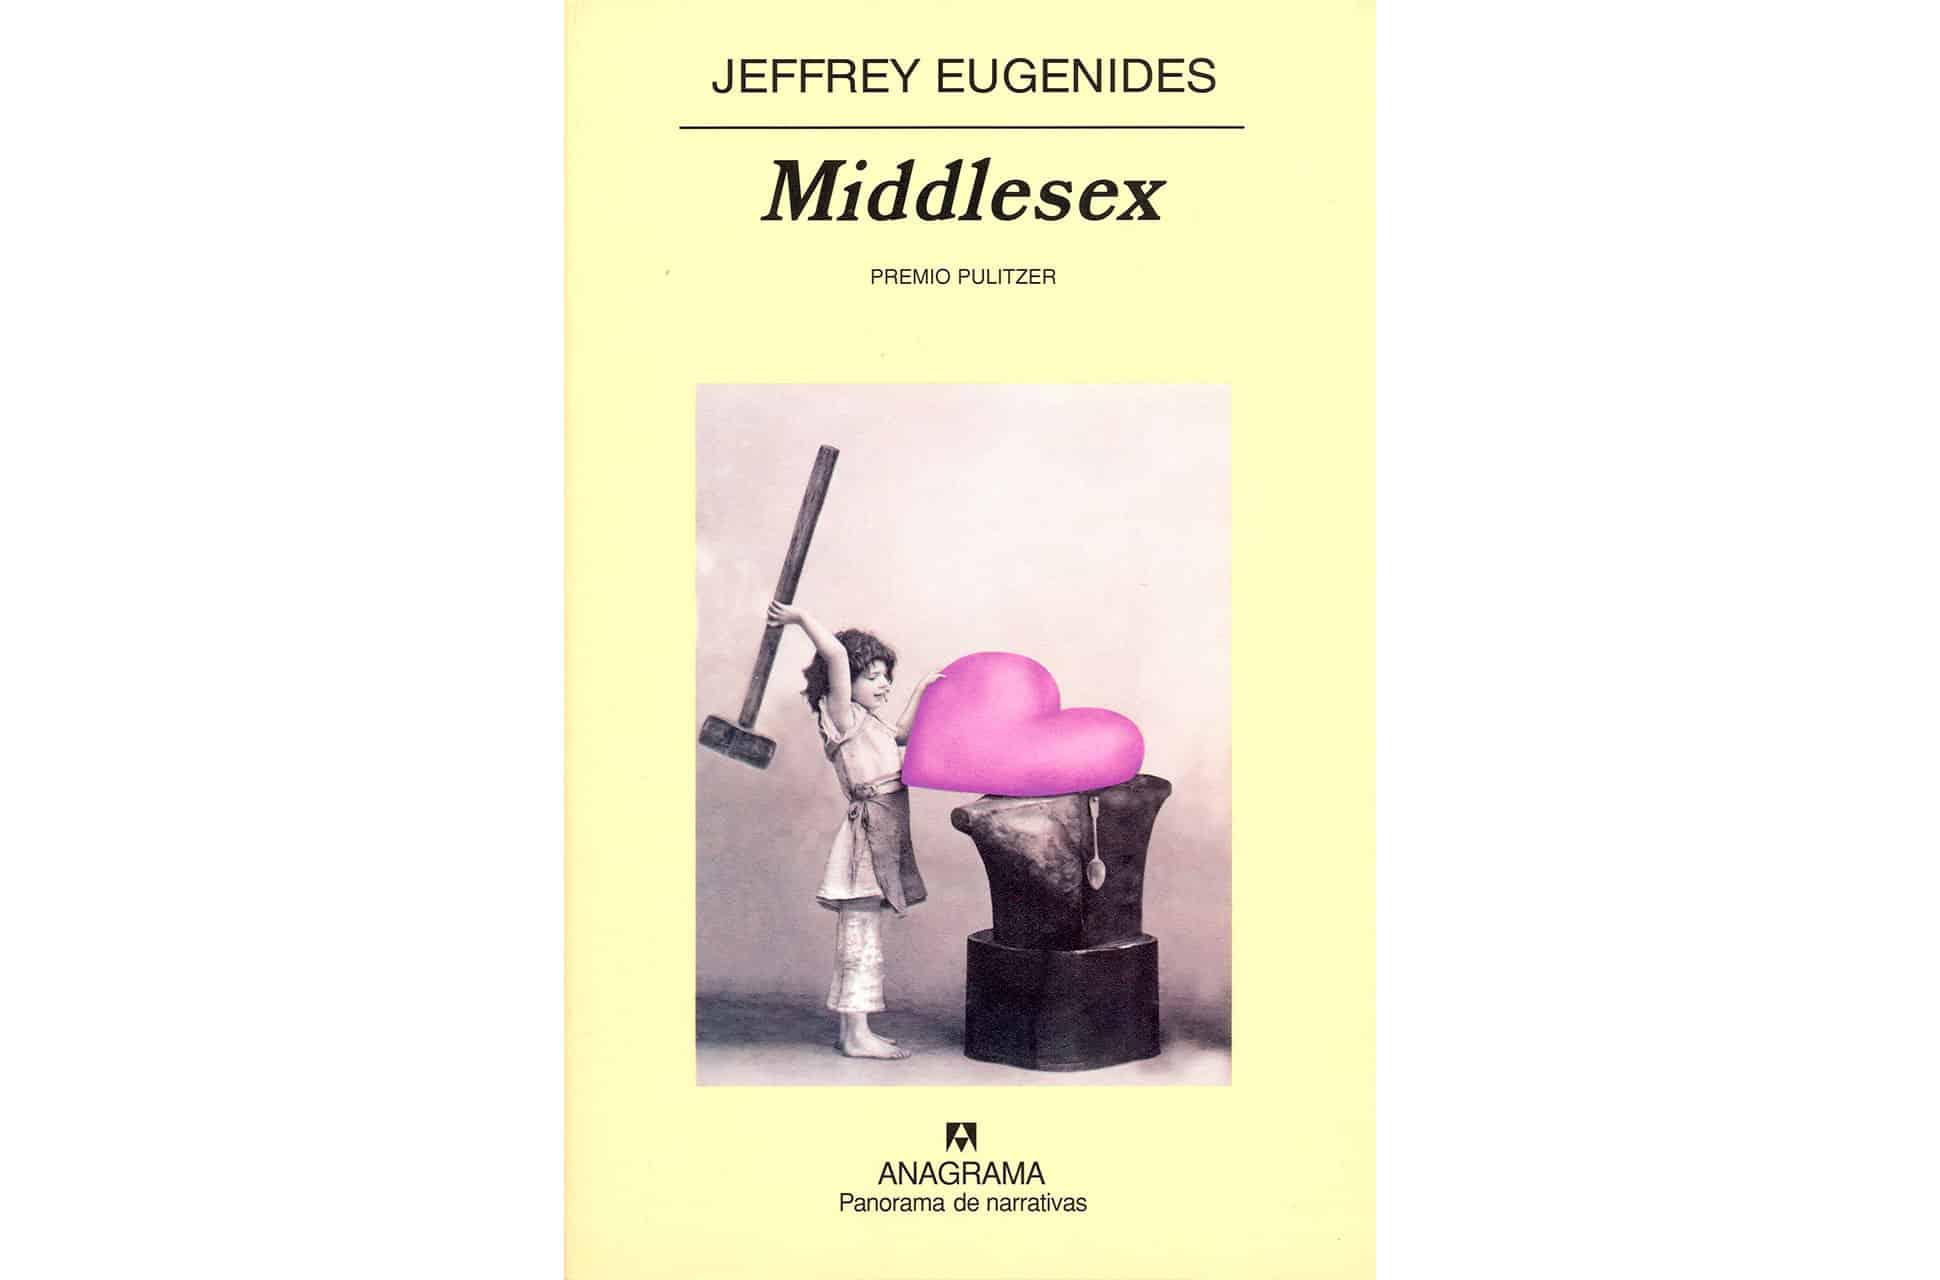 Ocho grandes libros de la literatura LGBTQ+ middlesex-jeffrey-eugenides